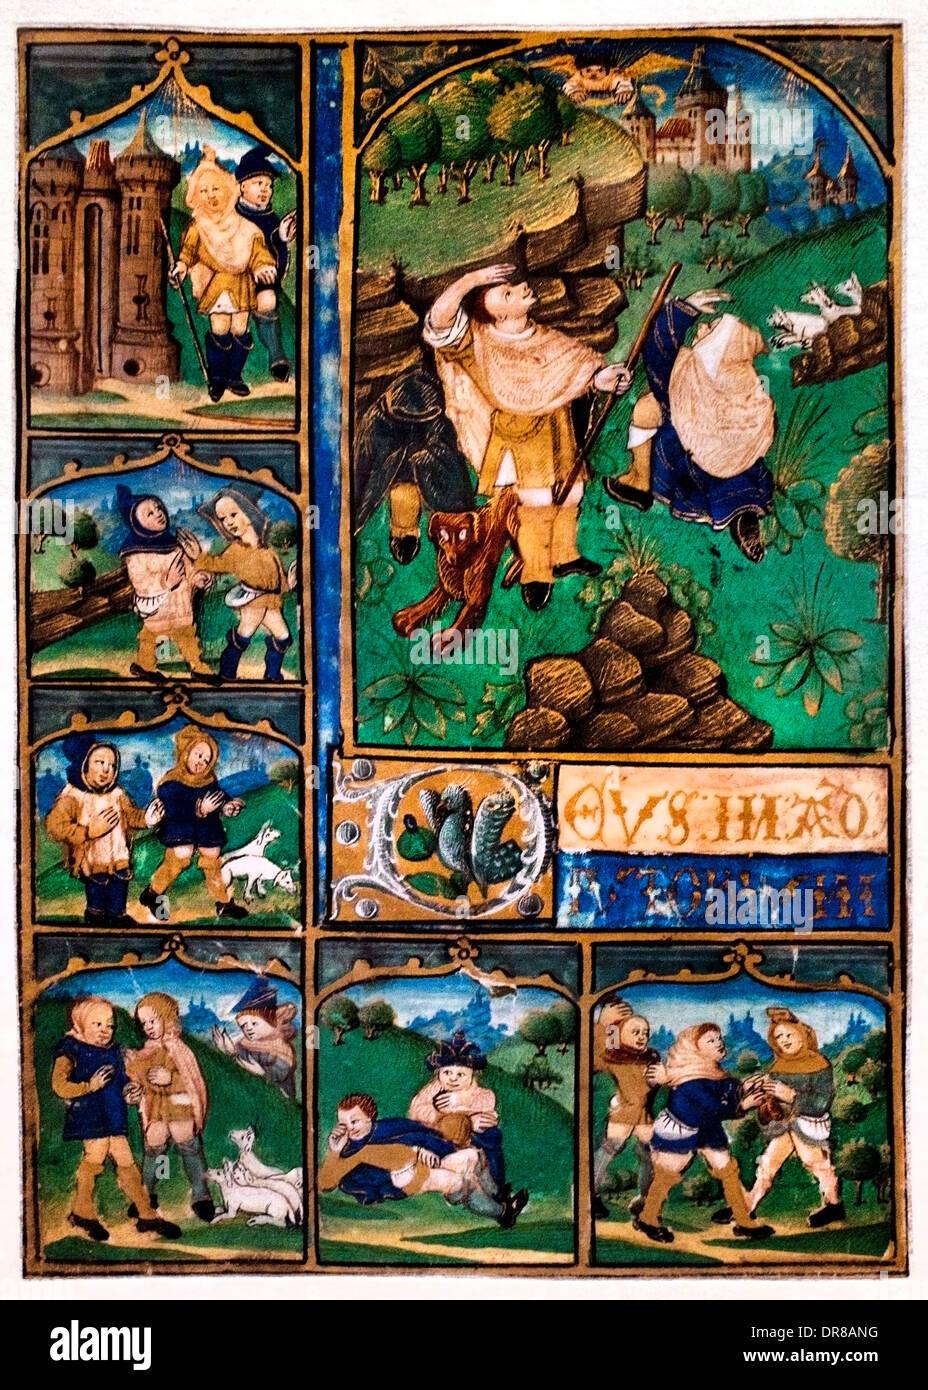 Horas de la hoja. Maestro de la Apocalipsis Aymar de Poitiers (1480-1490) active Dauphine. La Anunciación a los pastores Imagen De Stock